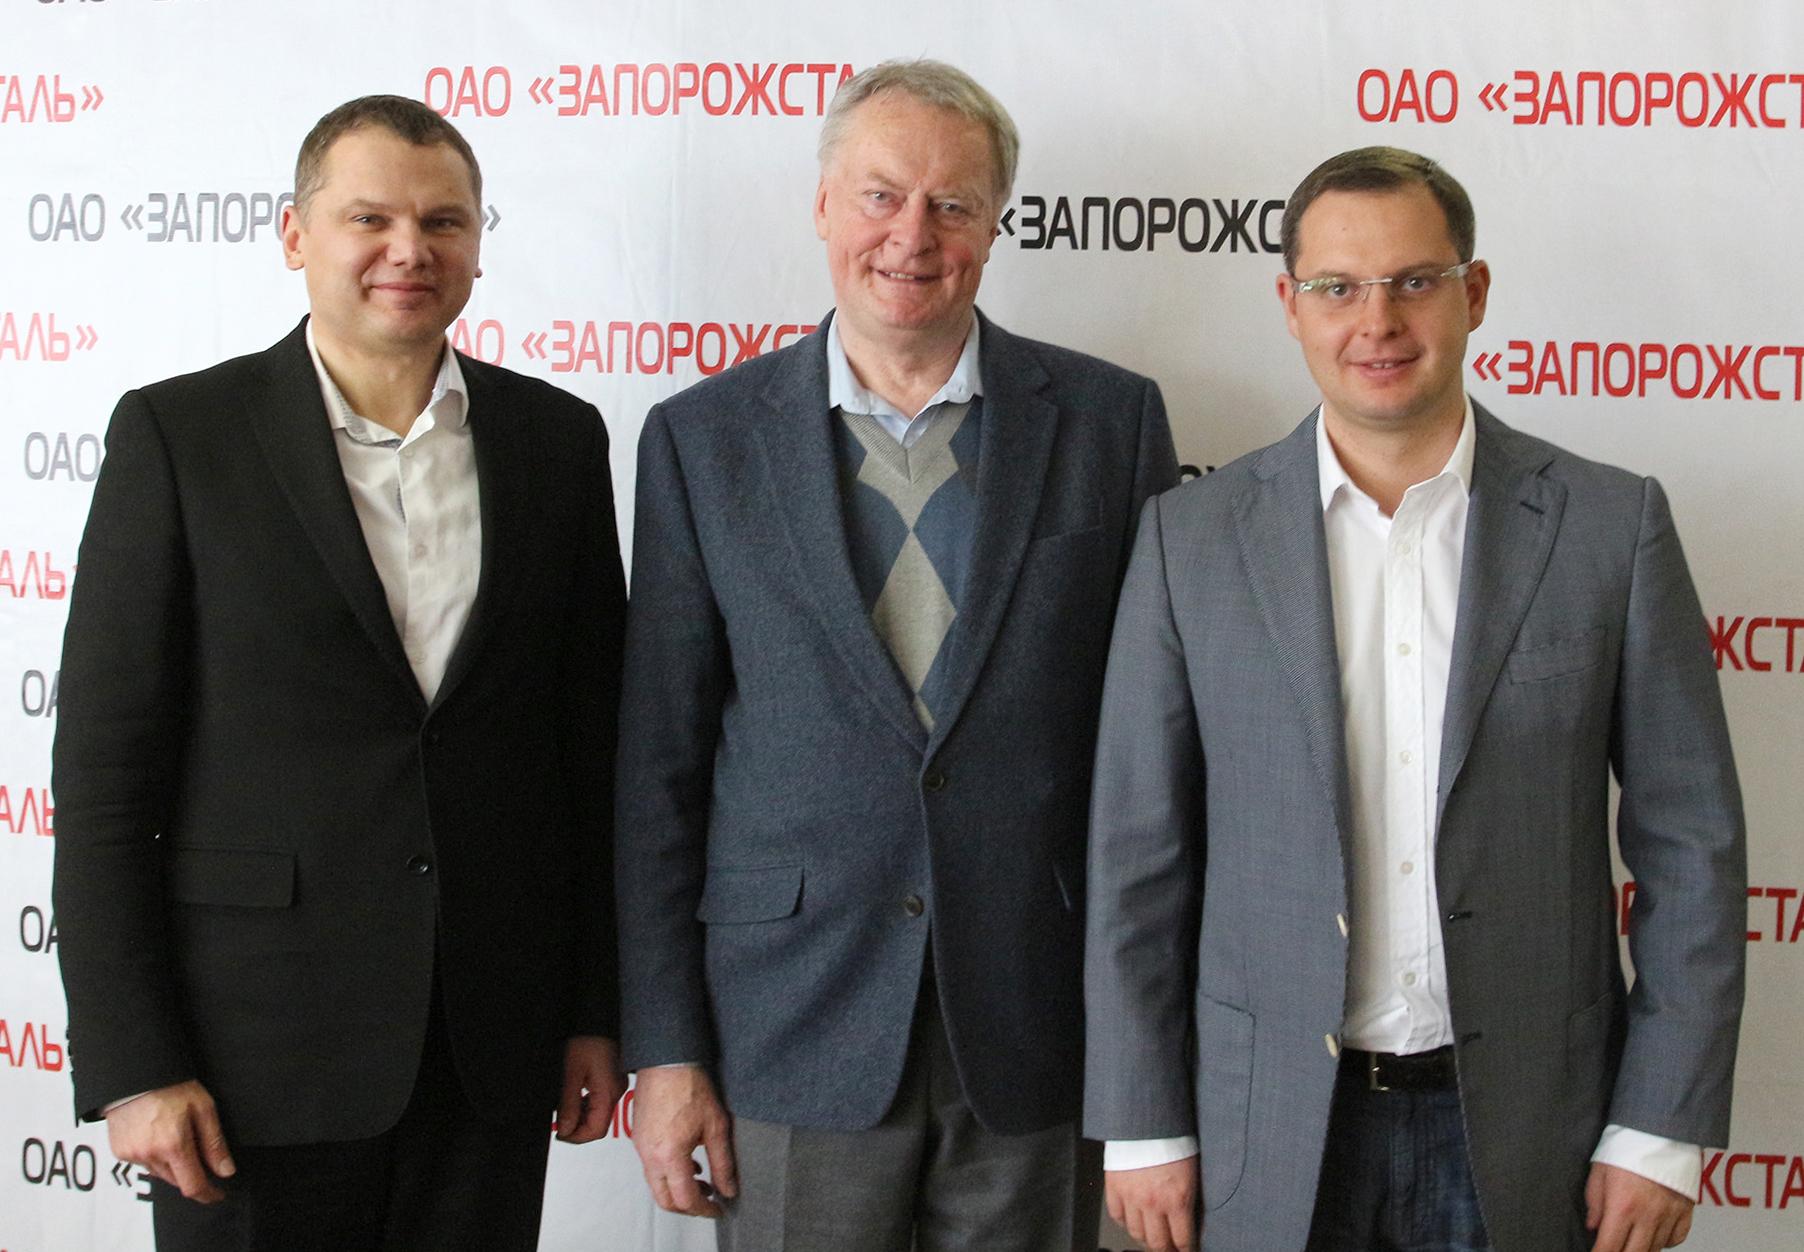 Вице-президент ЕА Карел Пыльны посетил Украину